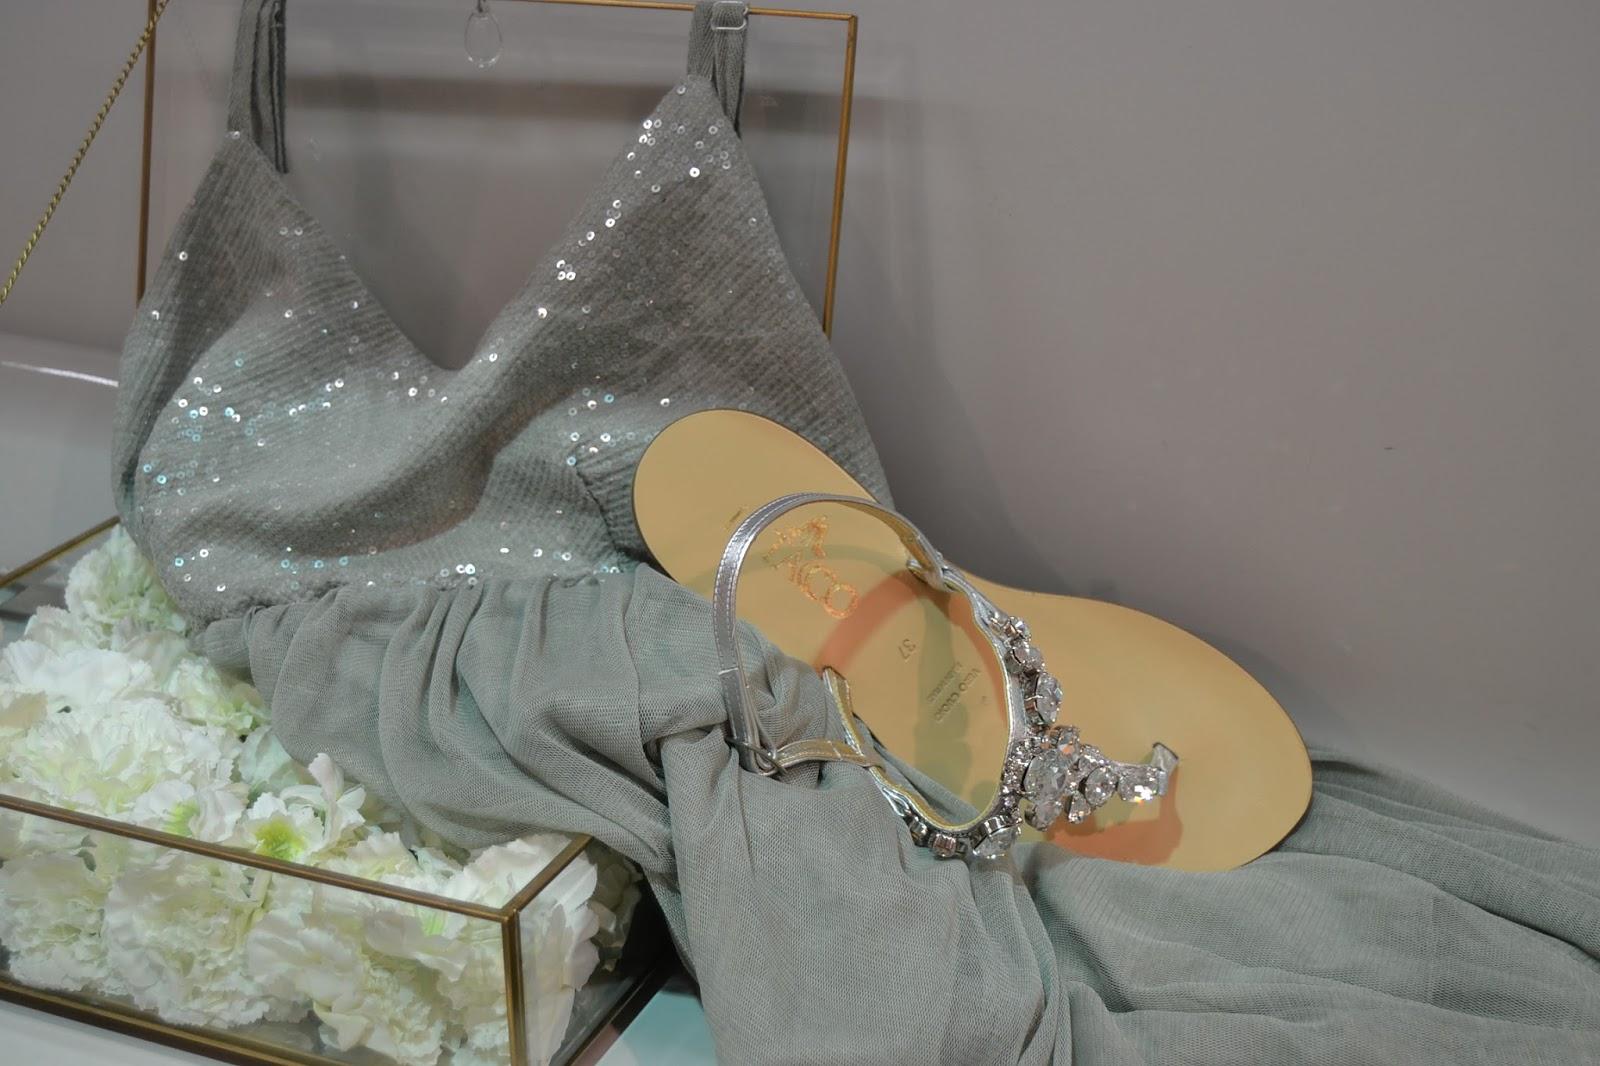 Il Tacco, el Zapato Joya